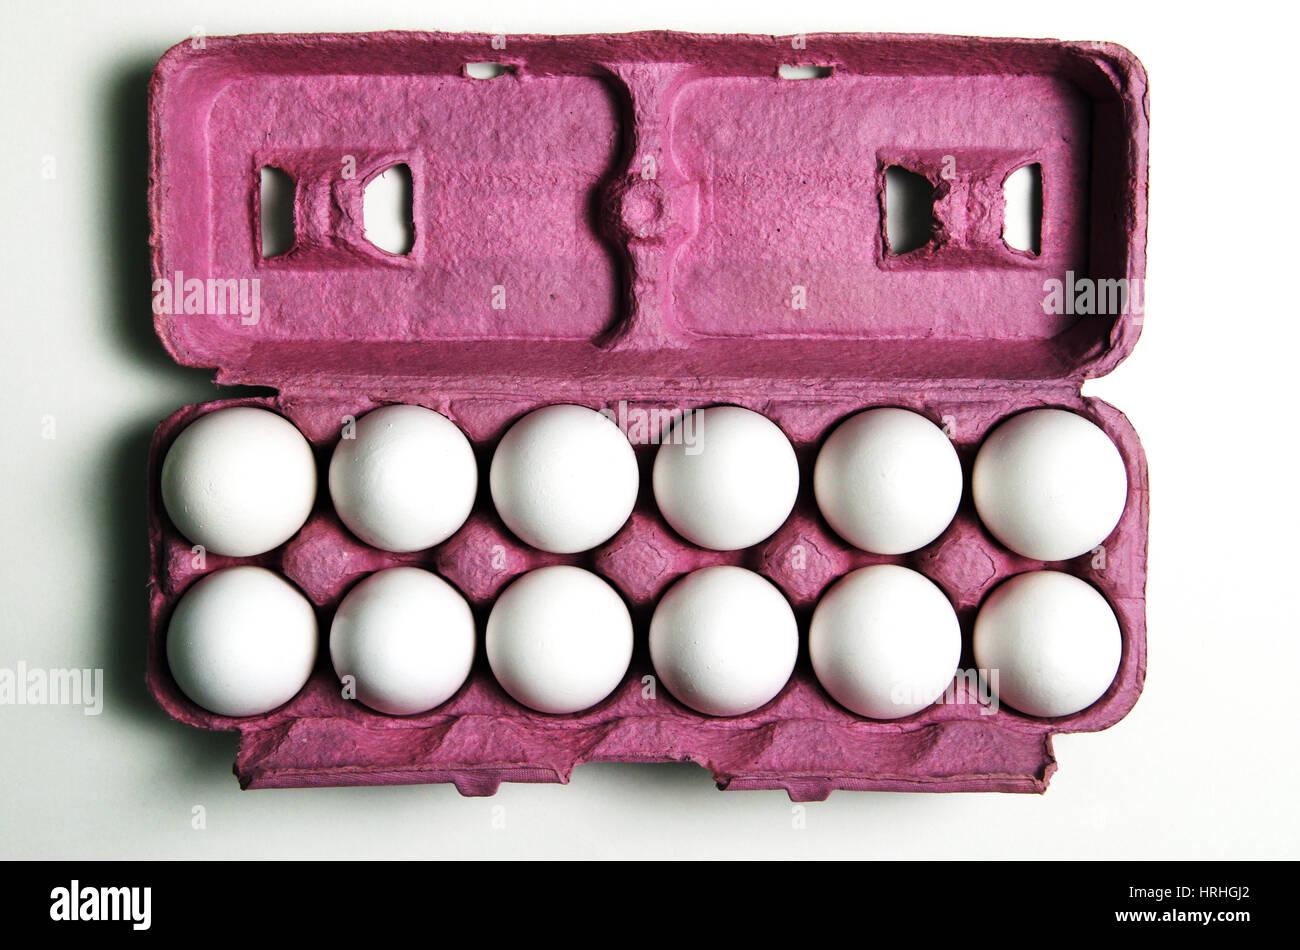 12 Eggs - Stock Image